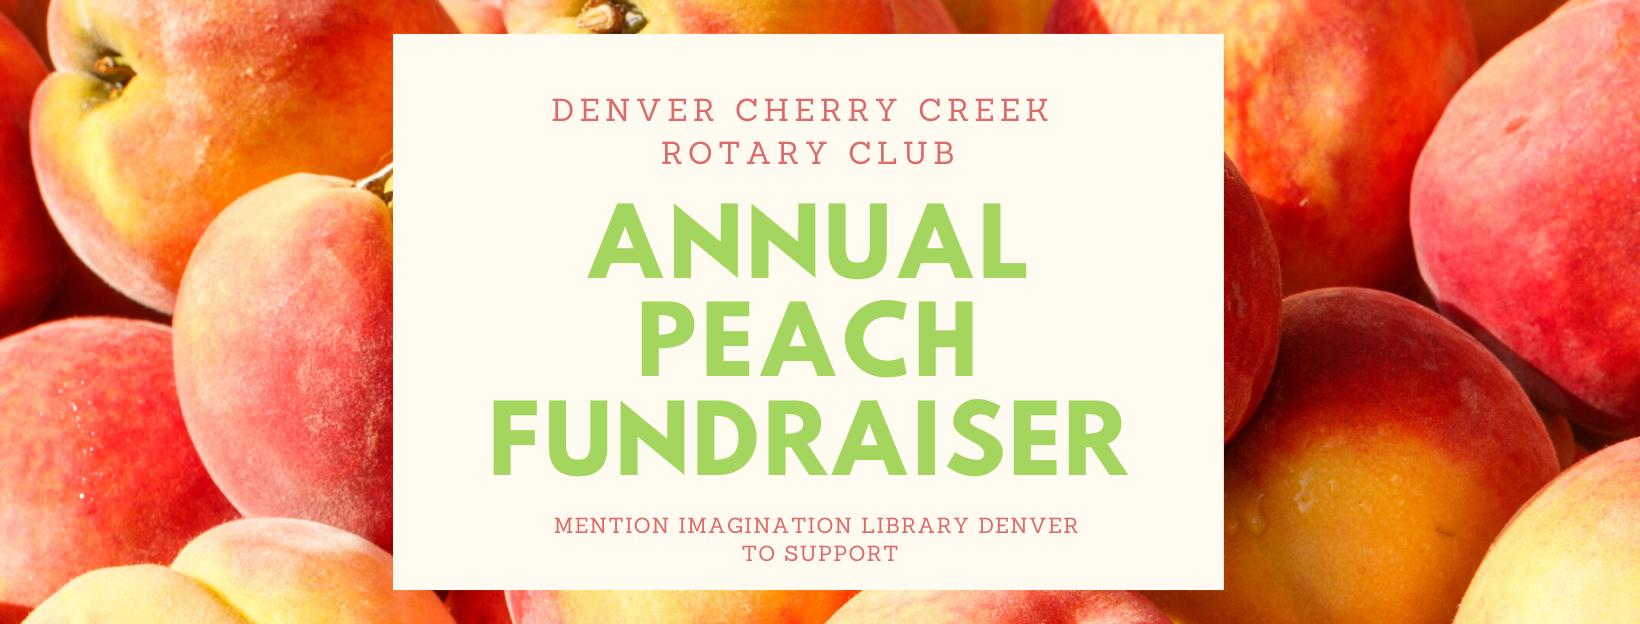 Rotary Club Annual Peach Fundraiser